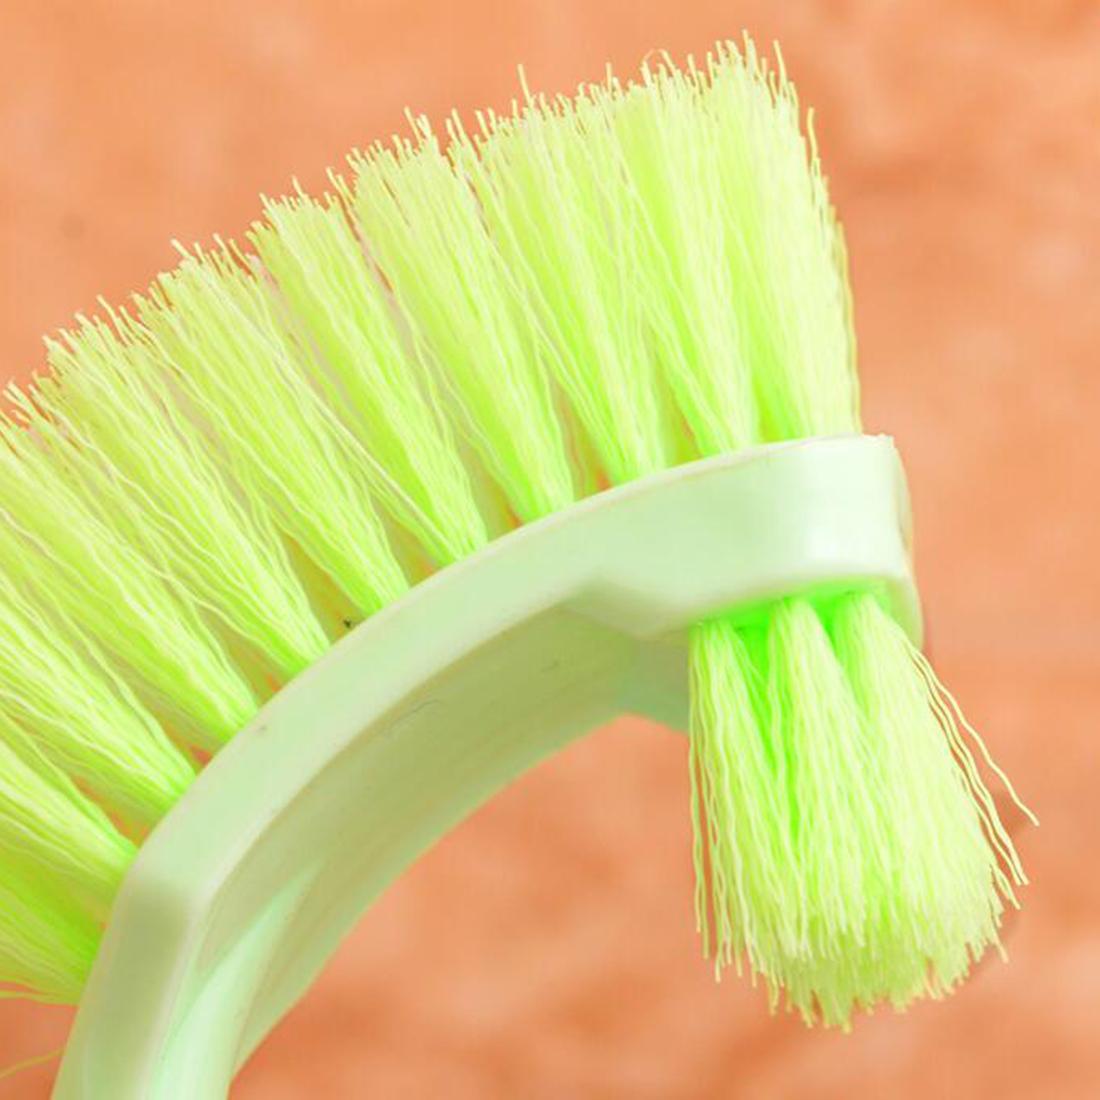 Spazzola igienica portatile calda Maniglia lunga in plastica Bagno sciacquone Scrub Spazzola di pulizia a doppia faccia